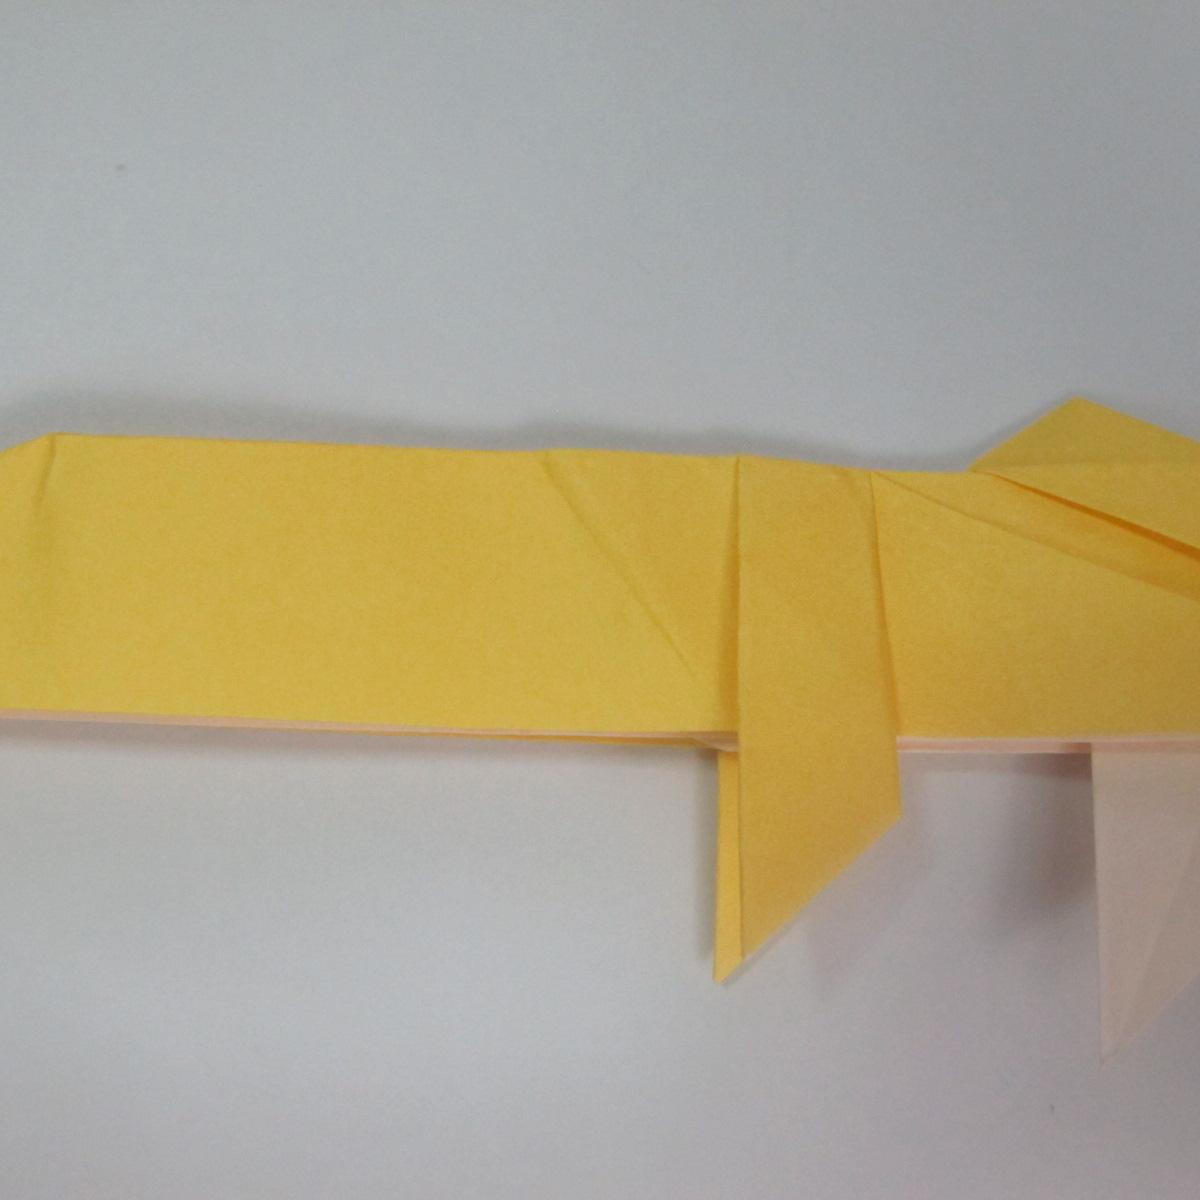 สอนวิธีพับกระดาษเป็นรูปลูกสุนัขยืนสองขา แบบของพอล ฟราสโก้ (Down Boy Dog Origami) 075